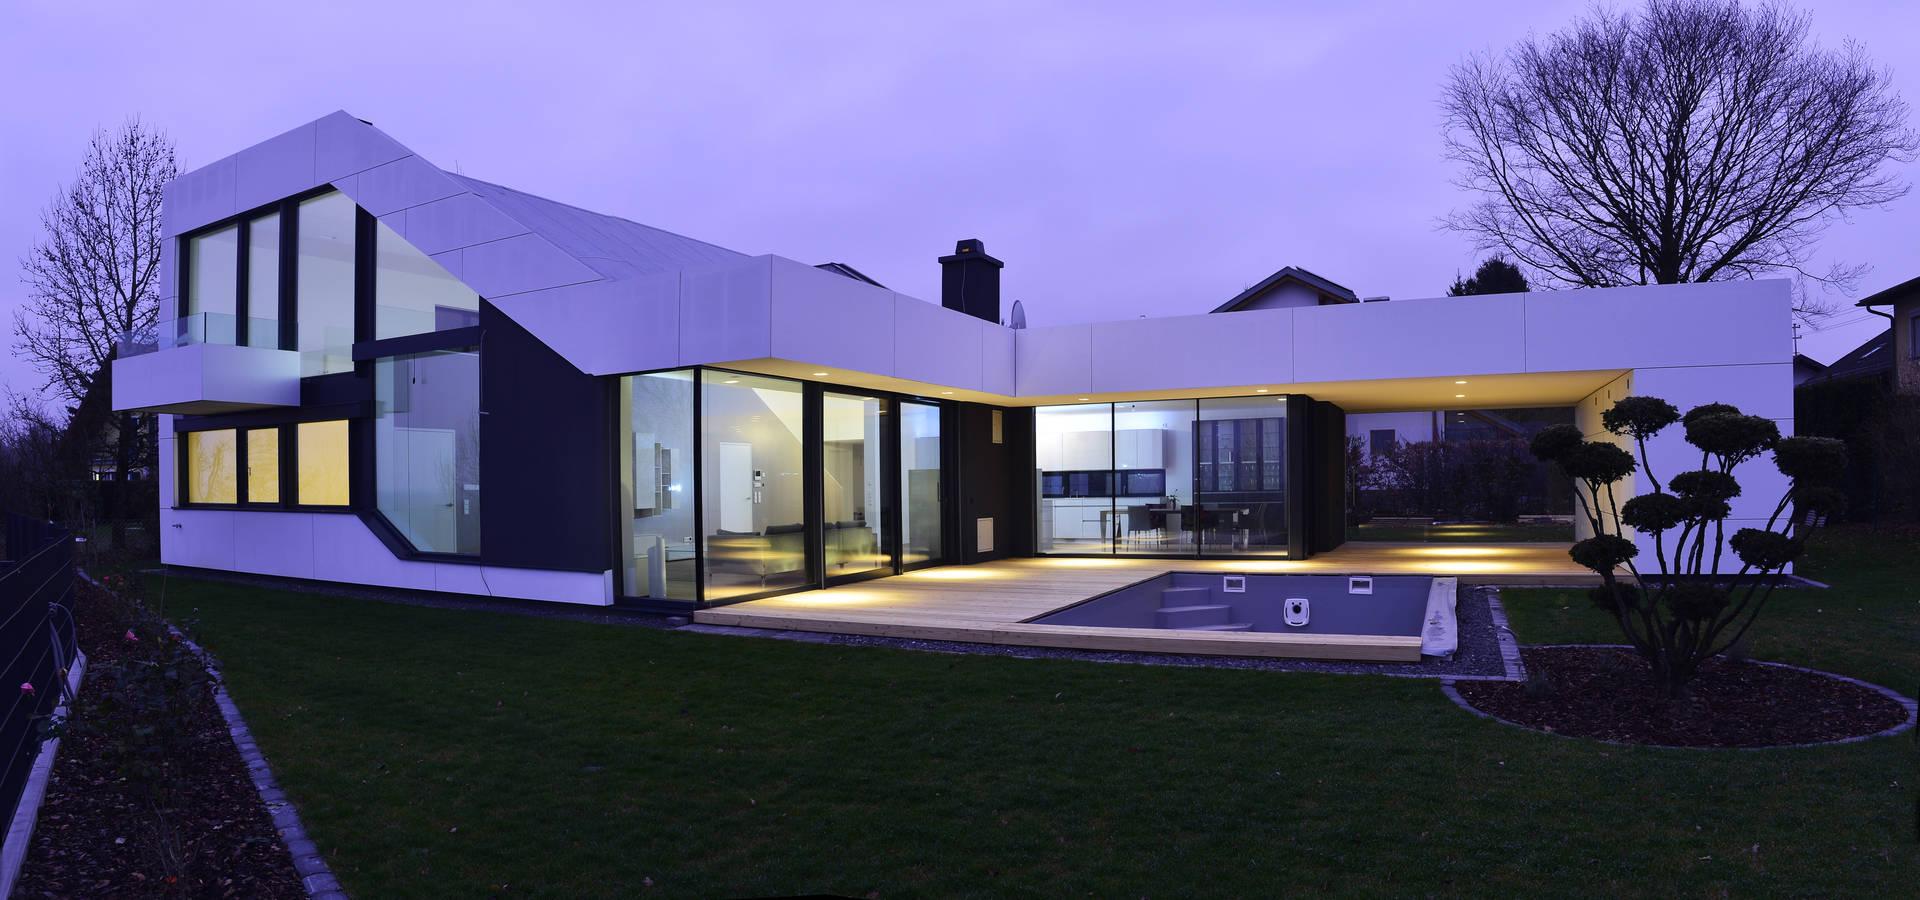 Architekt Adrian Tscherteu